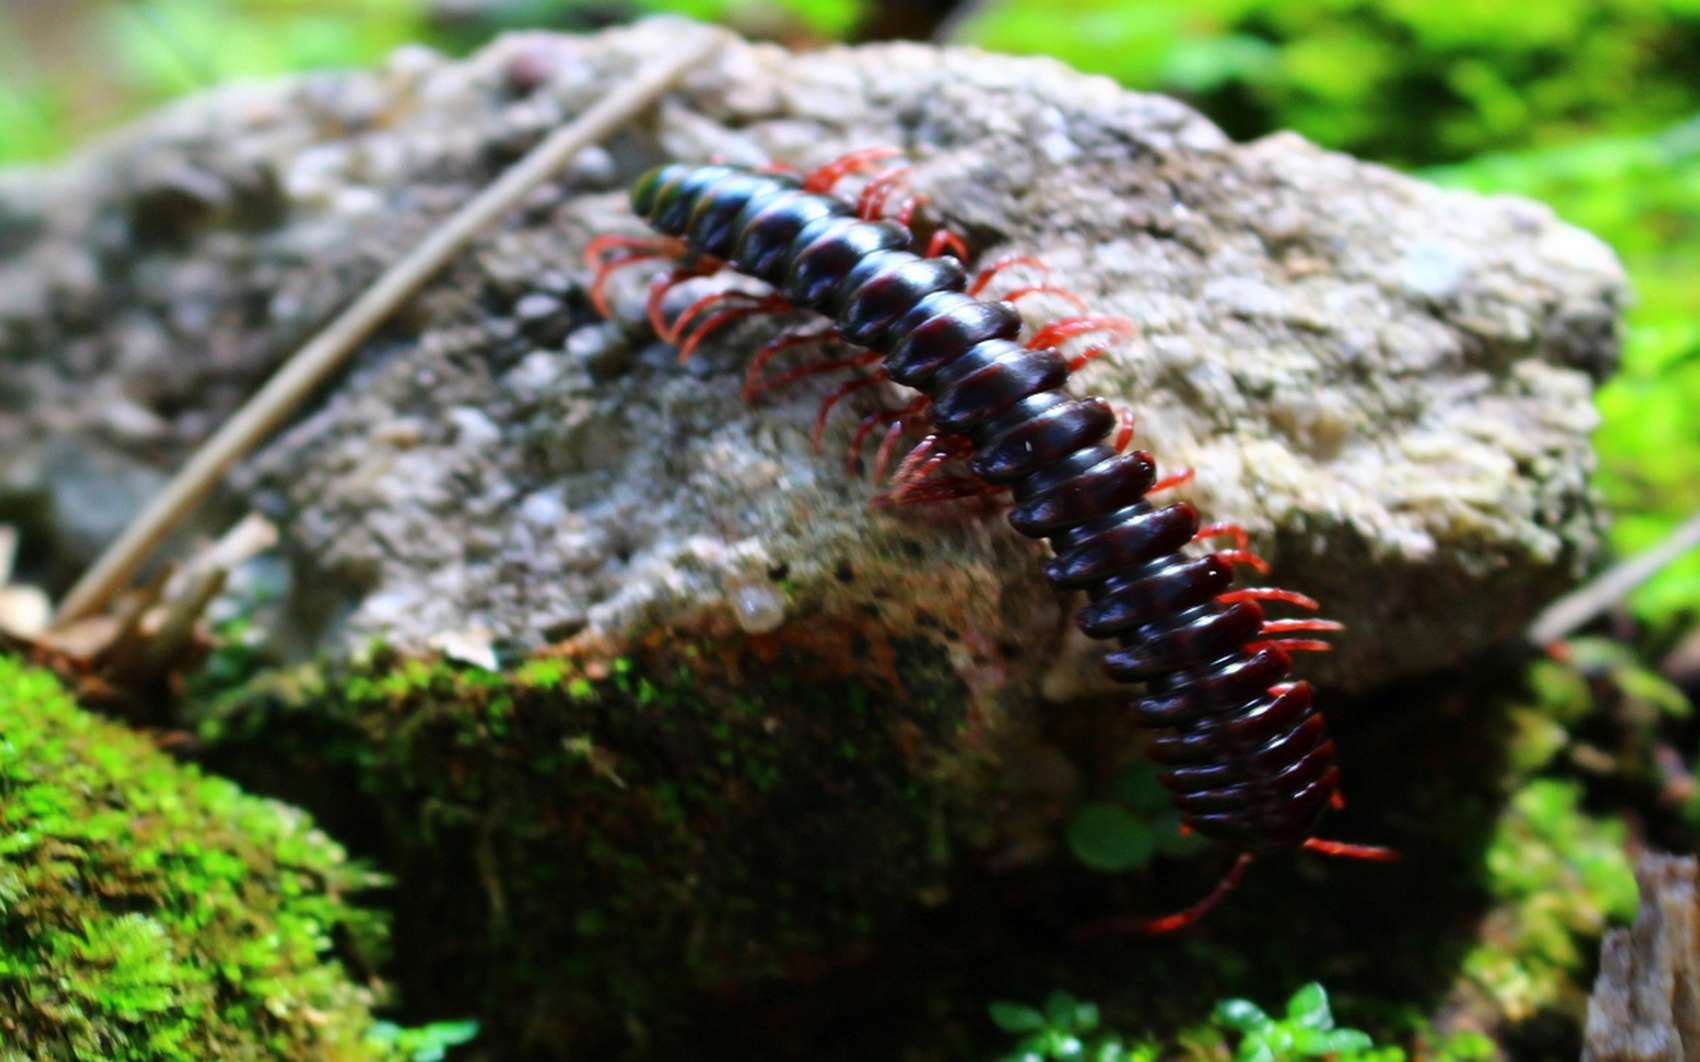 Les piqûres de scolopendres ne sont pas mortelles, mais cet animal possède beaucoup de glandes toxiques. © Pxhere